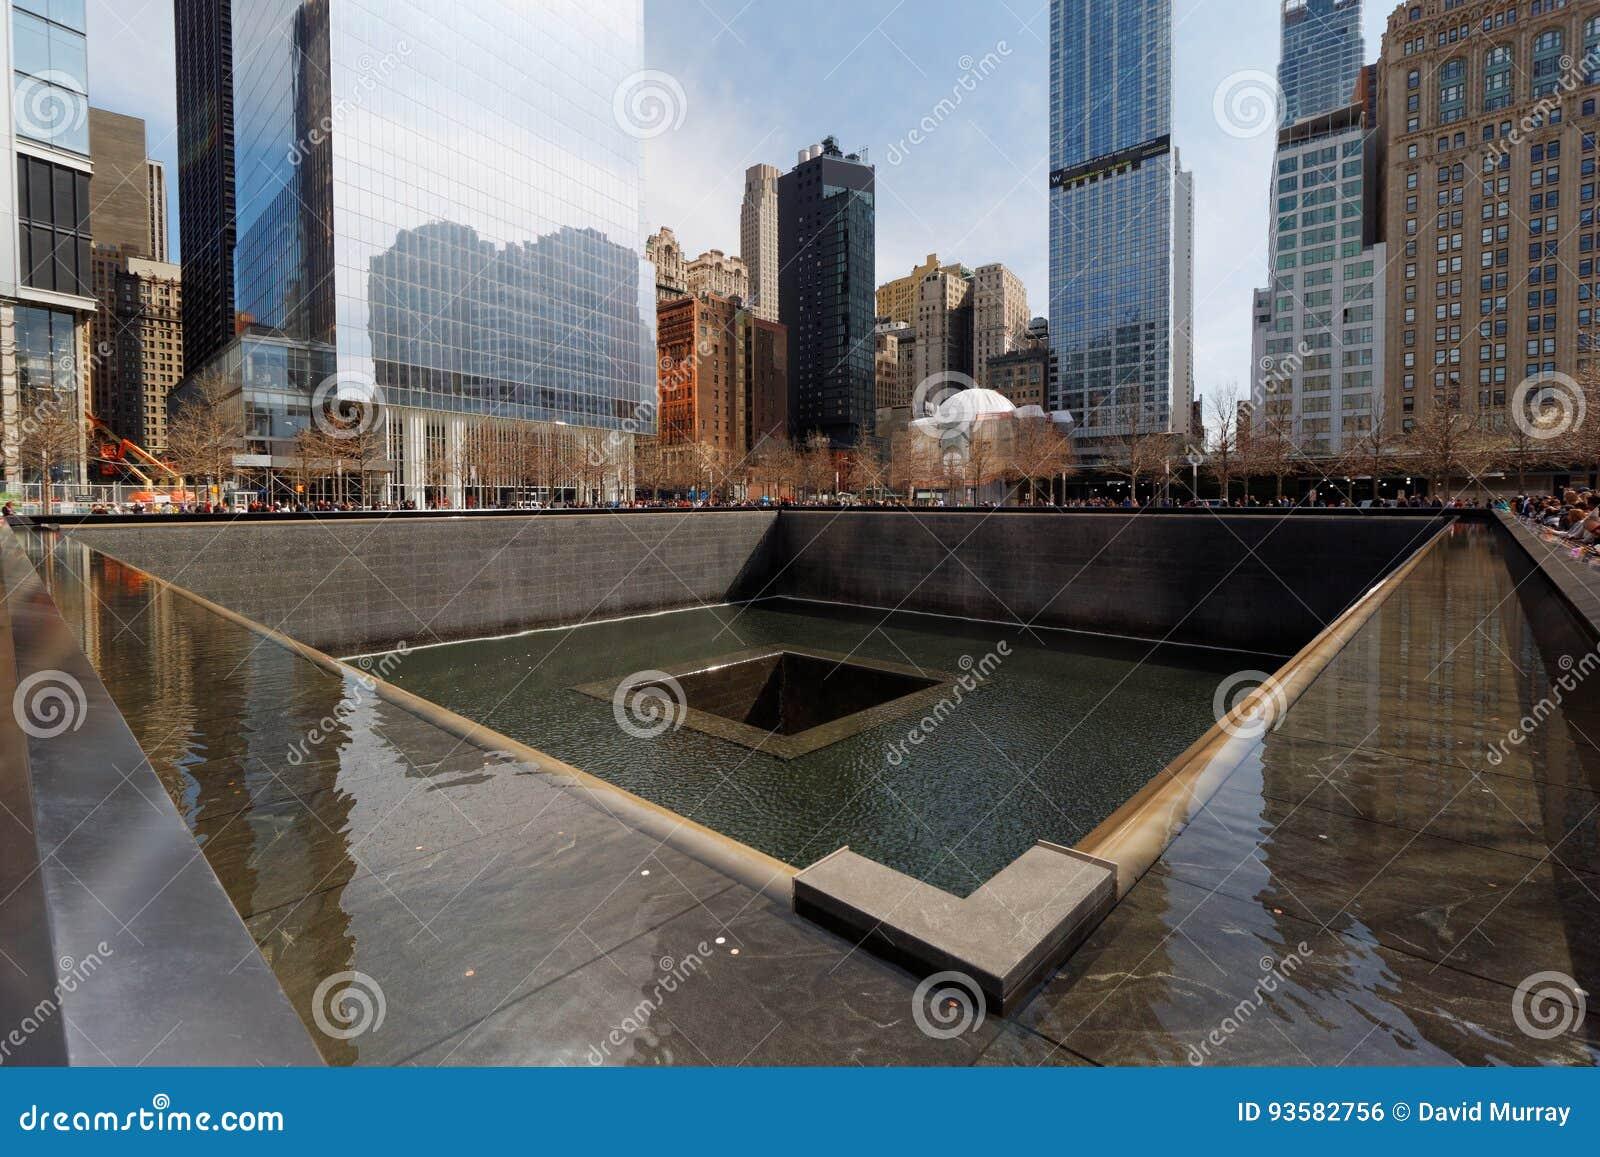 Mémorial national de World Trade Center de mémorial/du 11 septembre à Manhattan, New York City, Etats-Unis